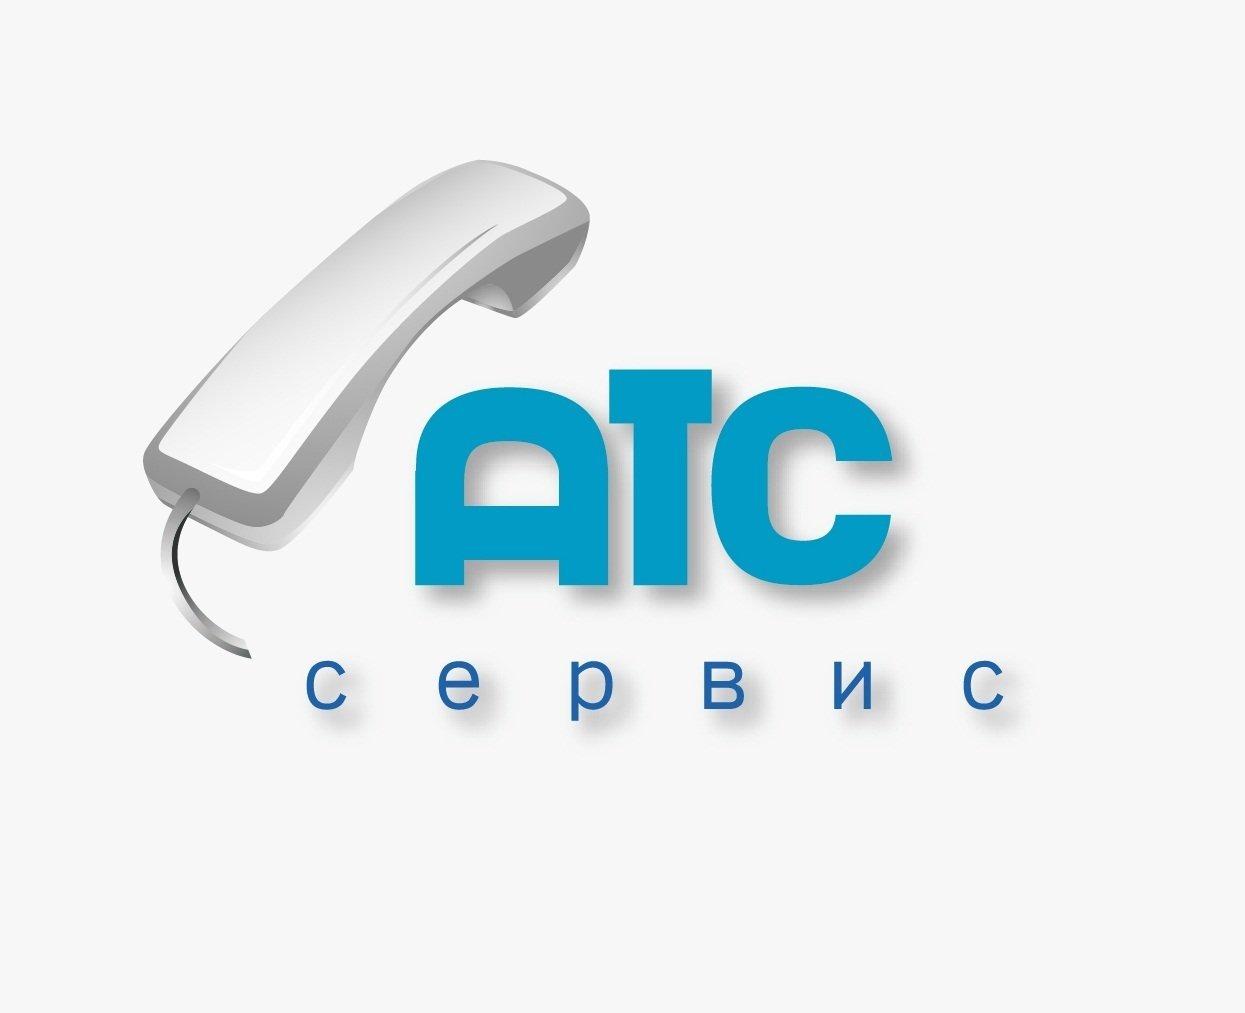 Установка и настройка IP терминала (SIP) в LAN сети